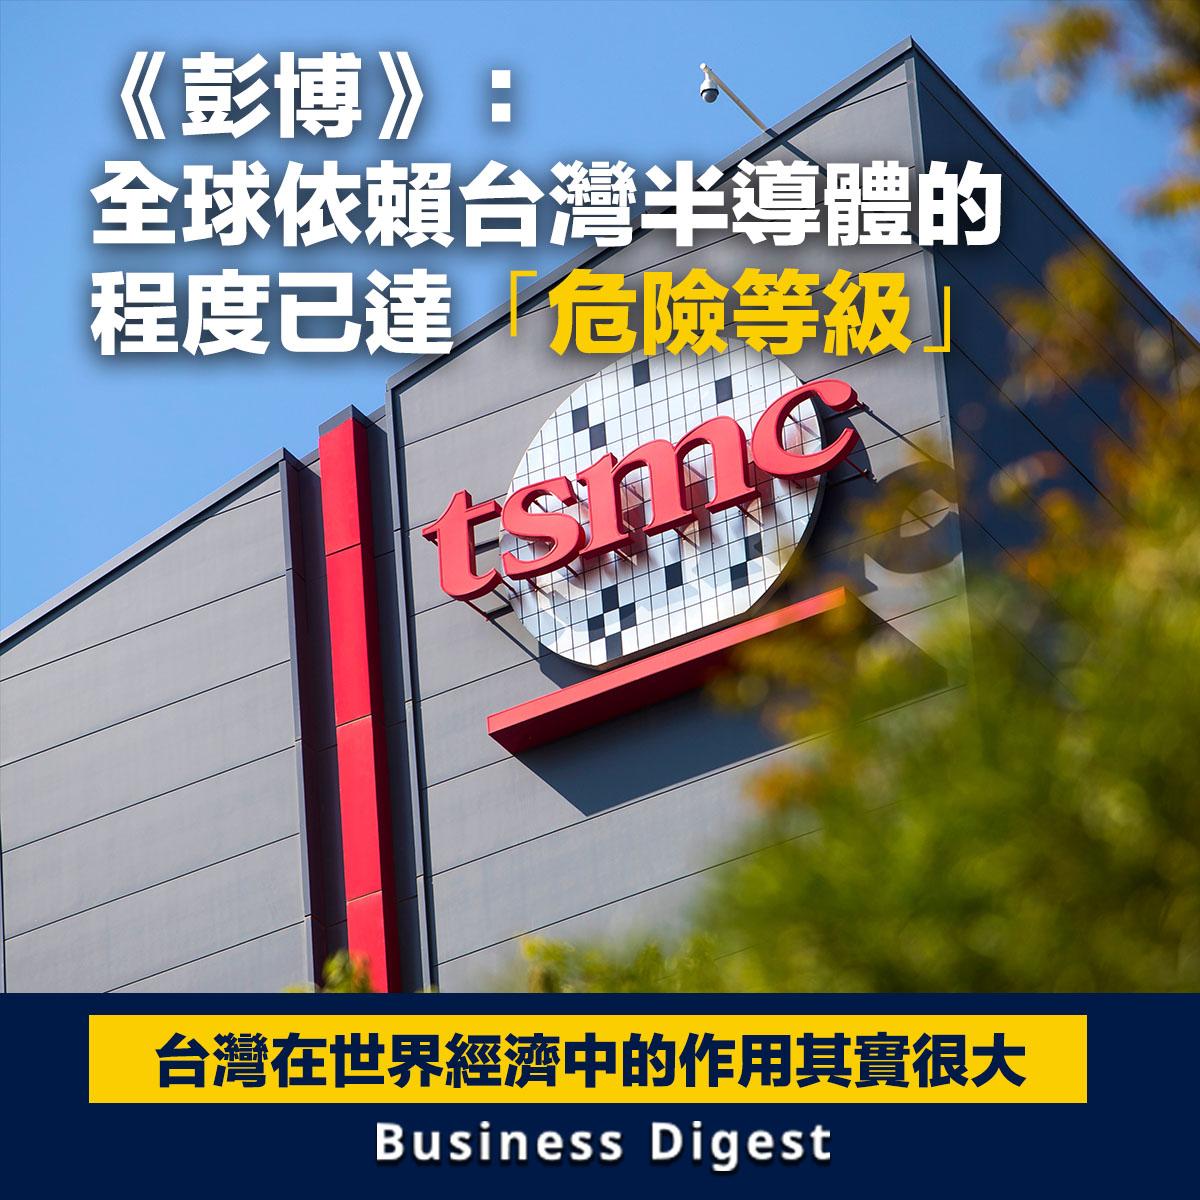 《彭博》:全球依賴台灣半導體的程度已達「危險等級」